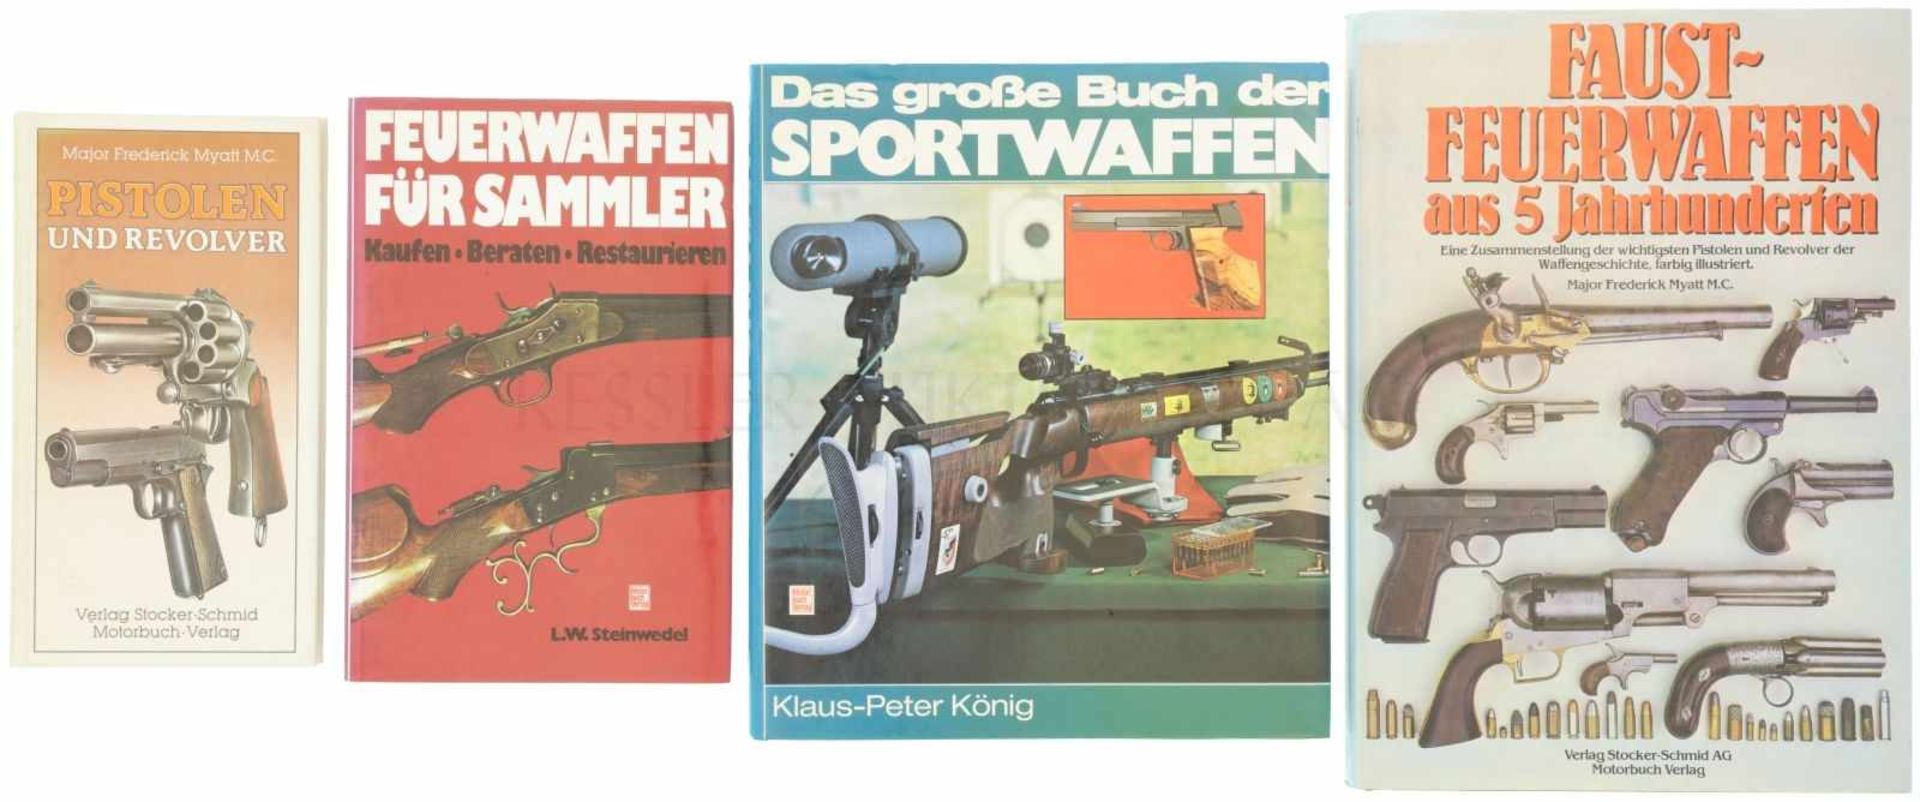 Konvolut von 4 Büchern 1. Das grosse Buch der Sportwaffen, Autor Klaus-Peter König, Motorbuch